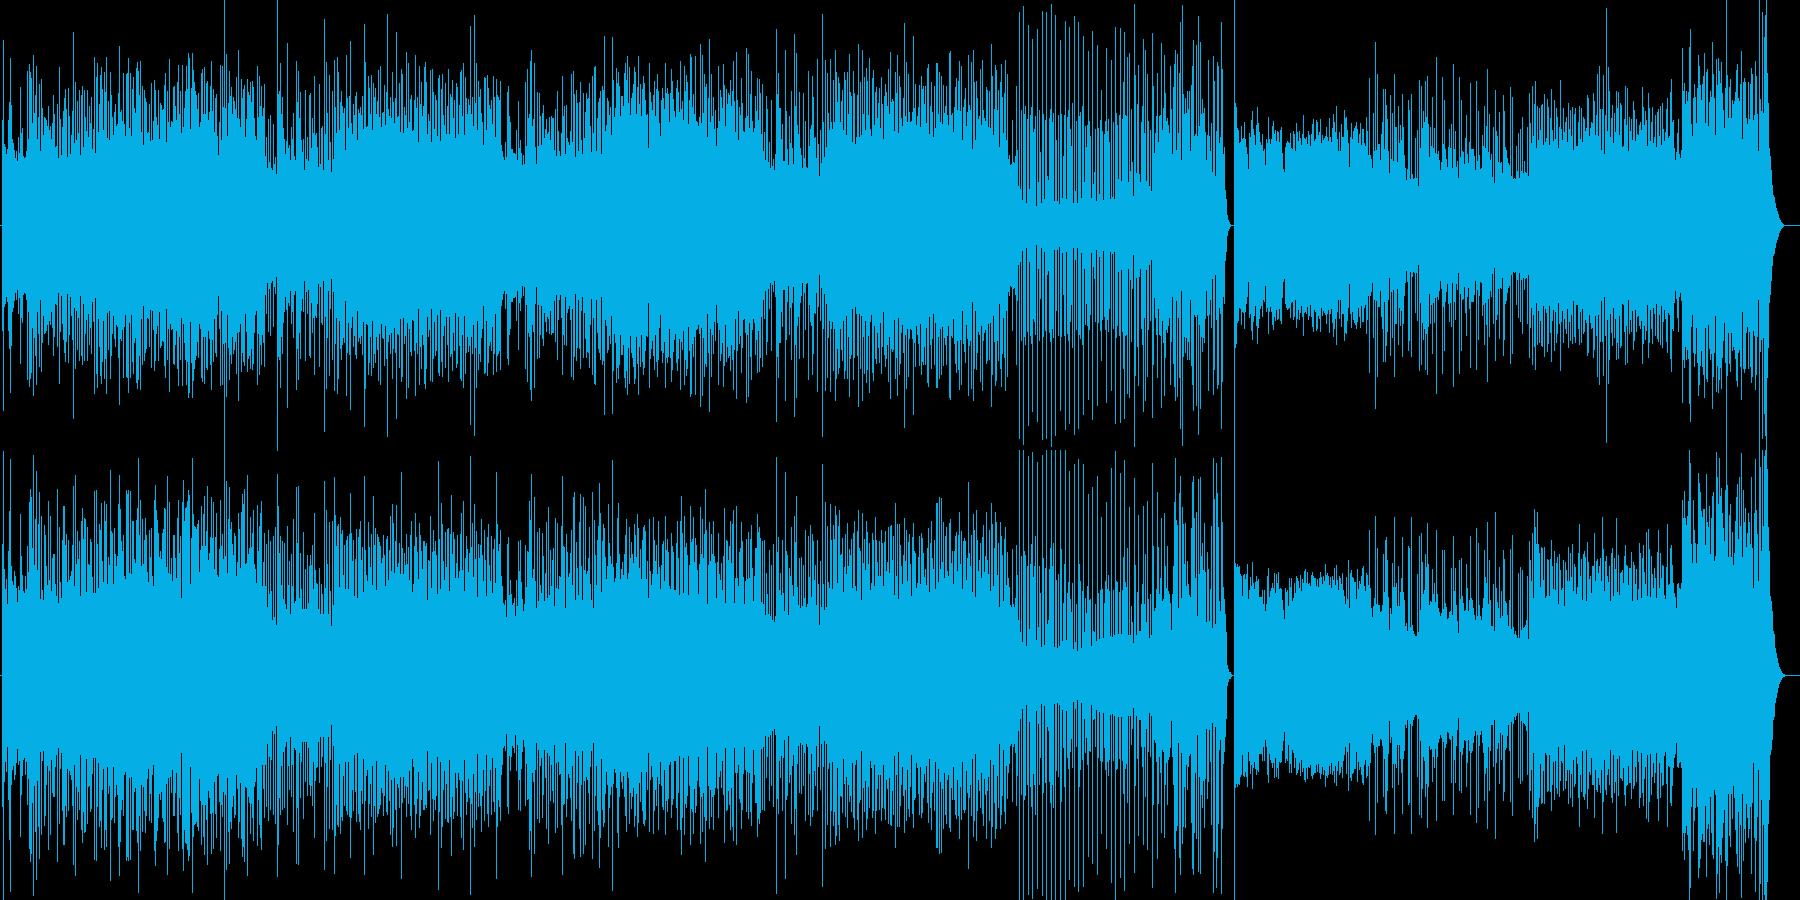 カーアクションゲーム向きのBGM。サー…の再生済みの波形